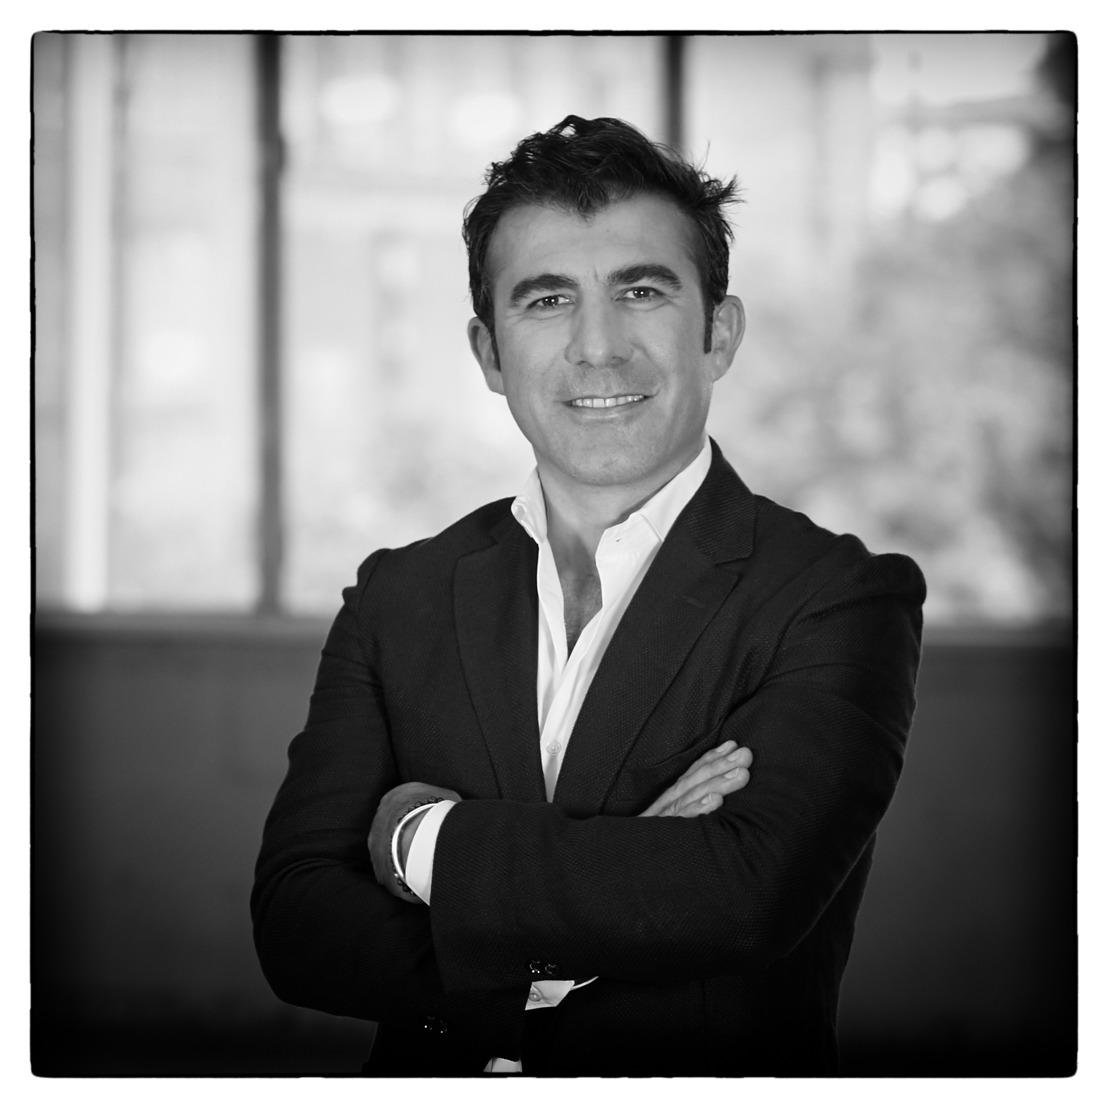 Seth Onal wordt de nieuwe Chief Growth Officer bij Air.